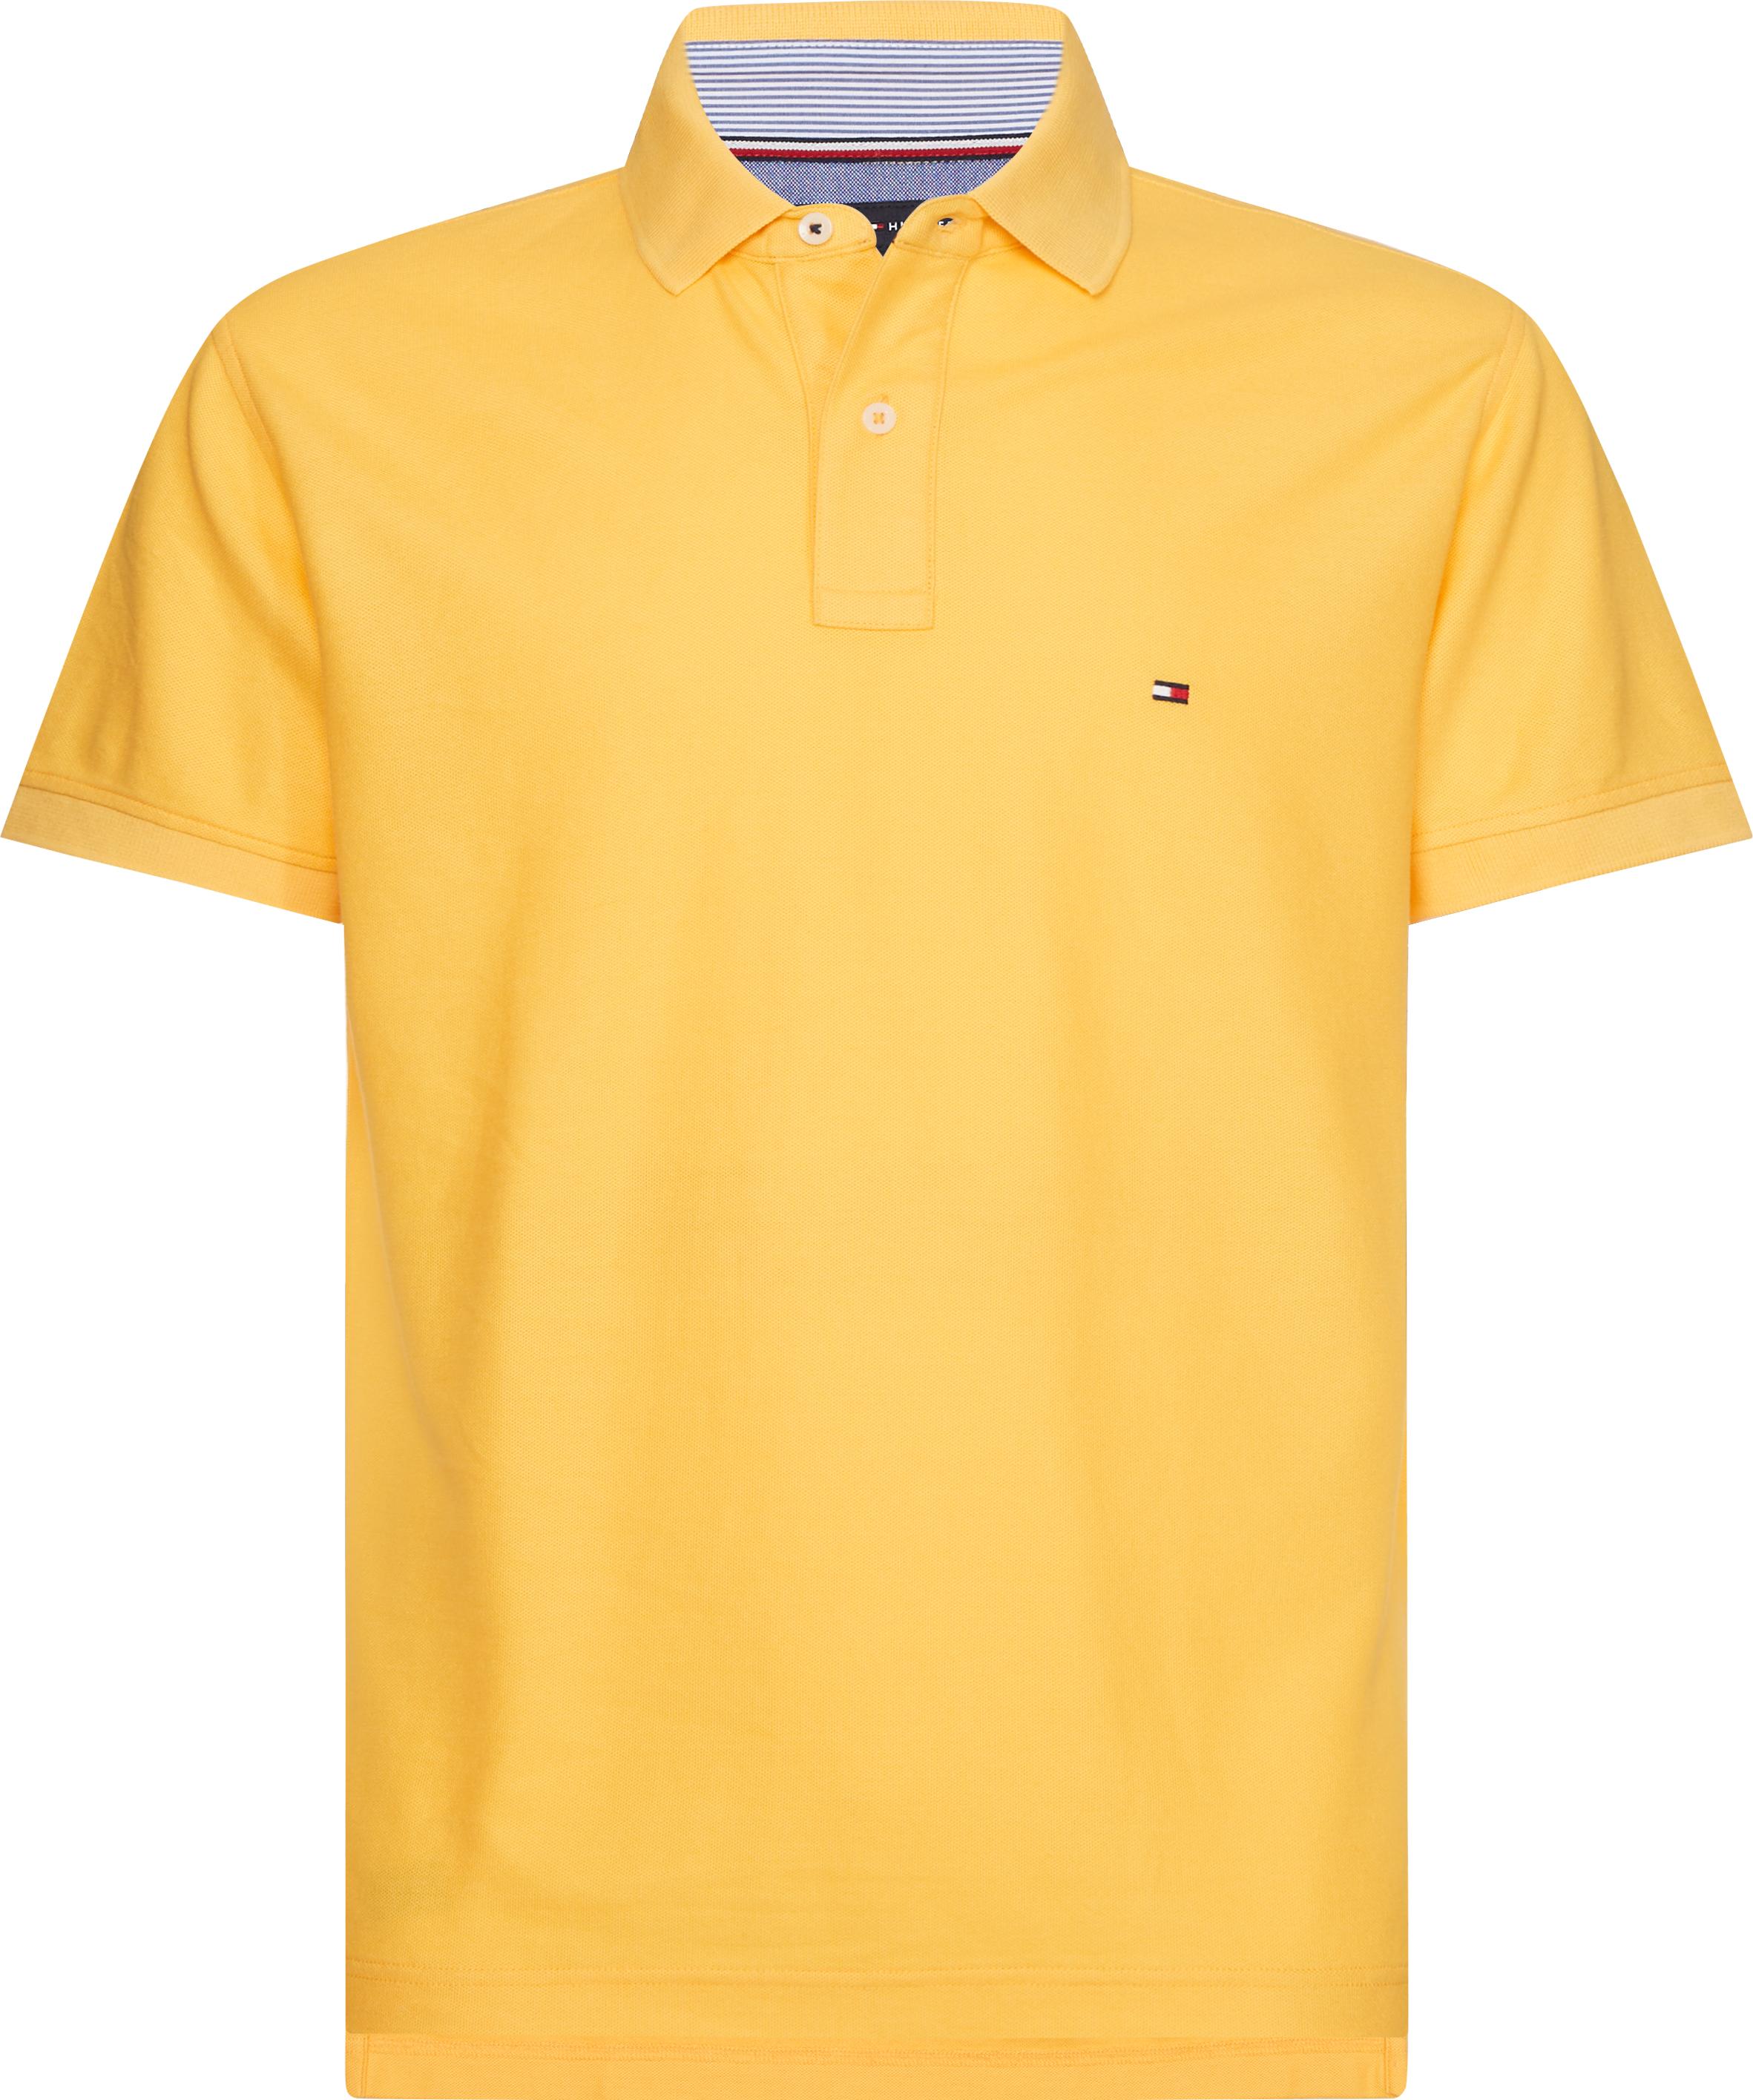 Hilfiger Regular Fit Baumwoll-Poloshirt